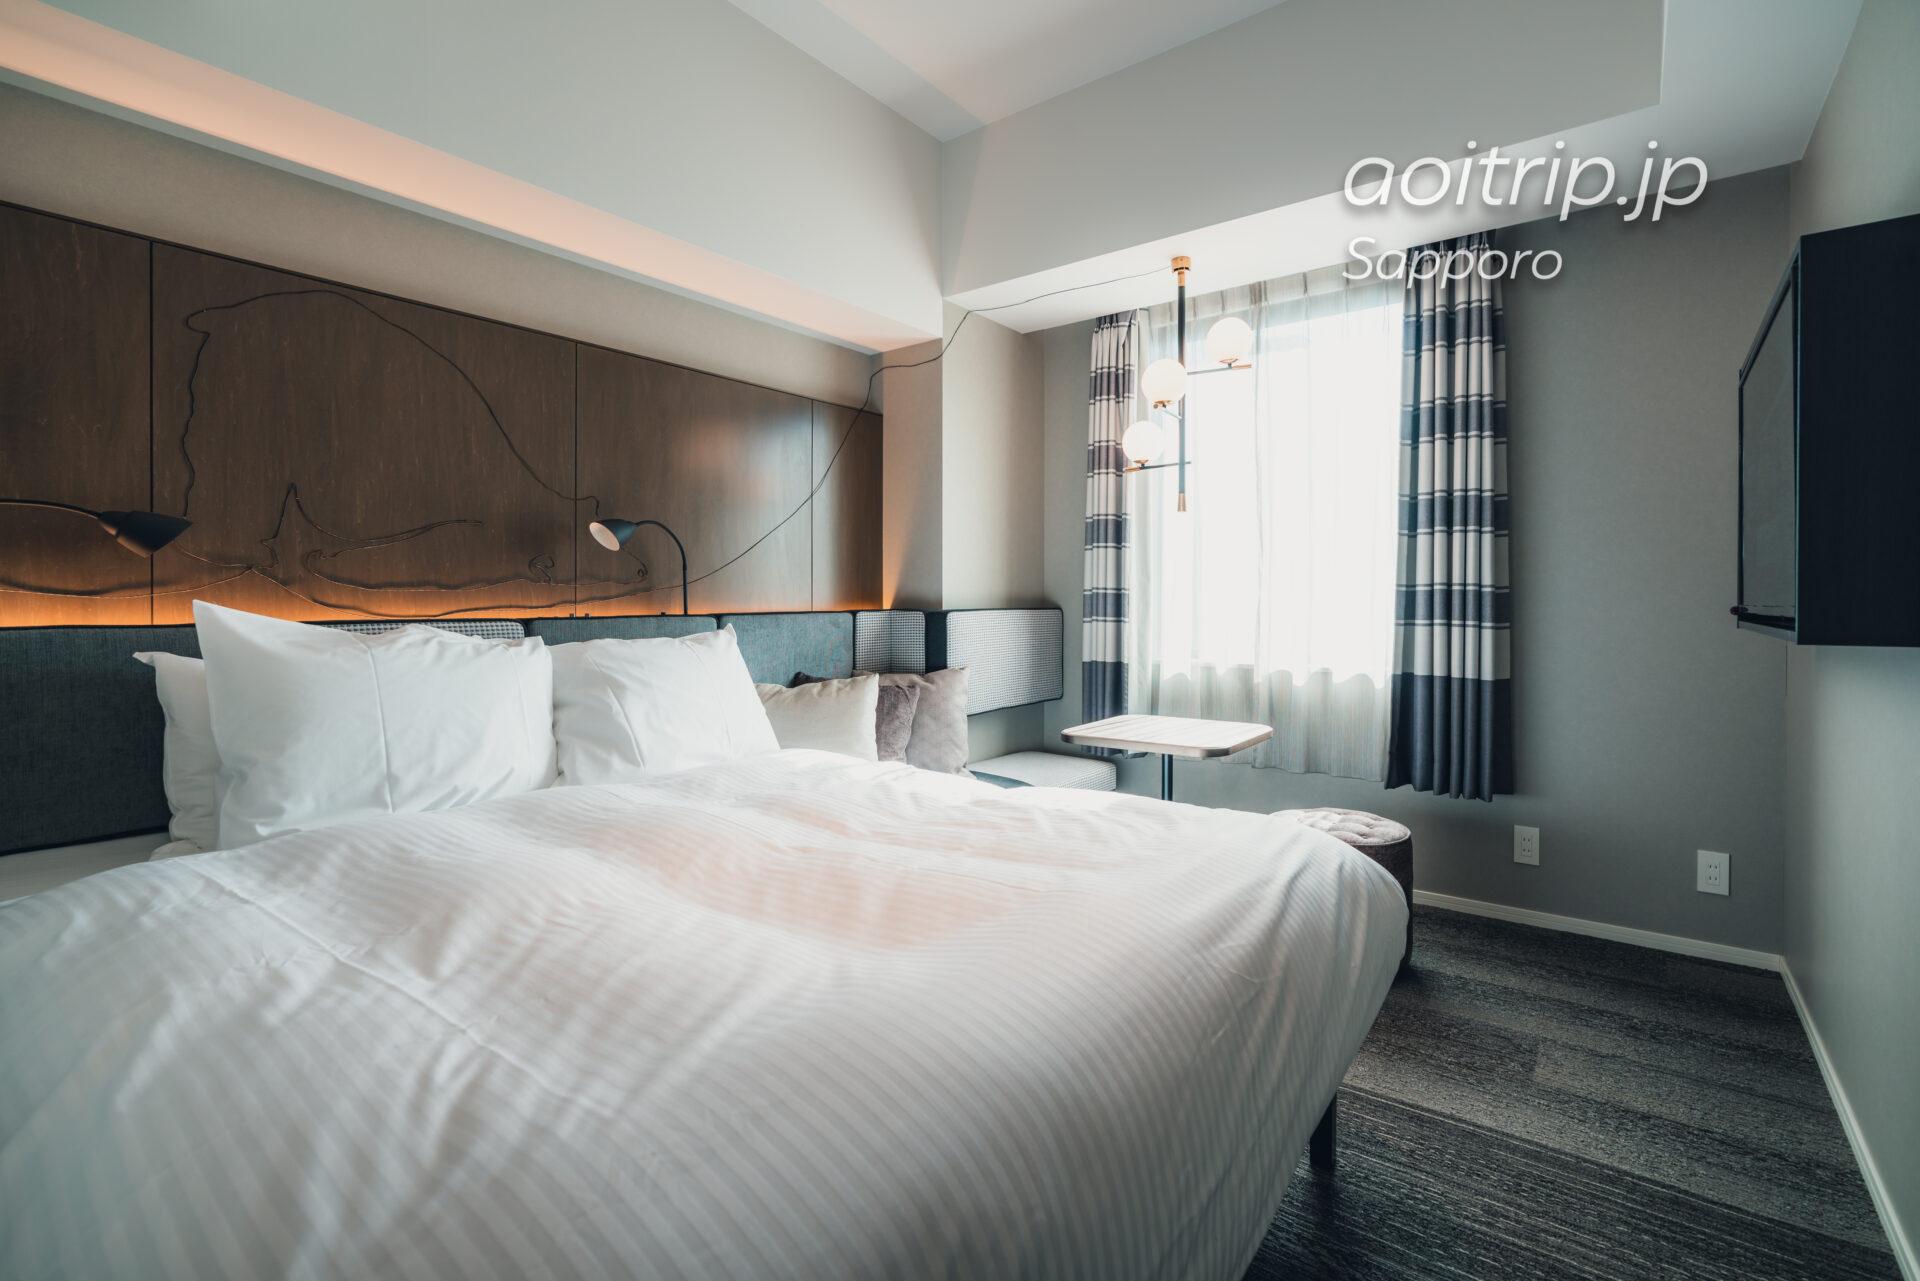 札幌グランドホテルの客室 ダブルルーム